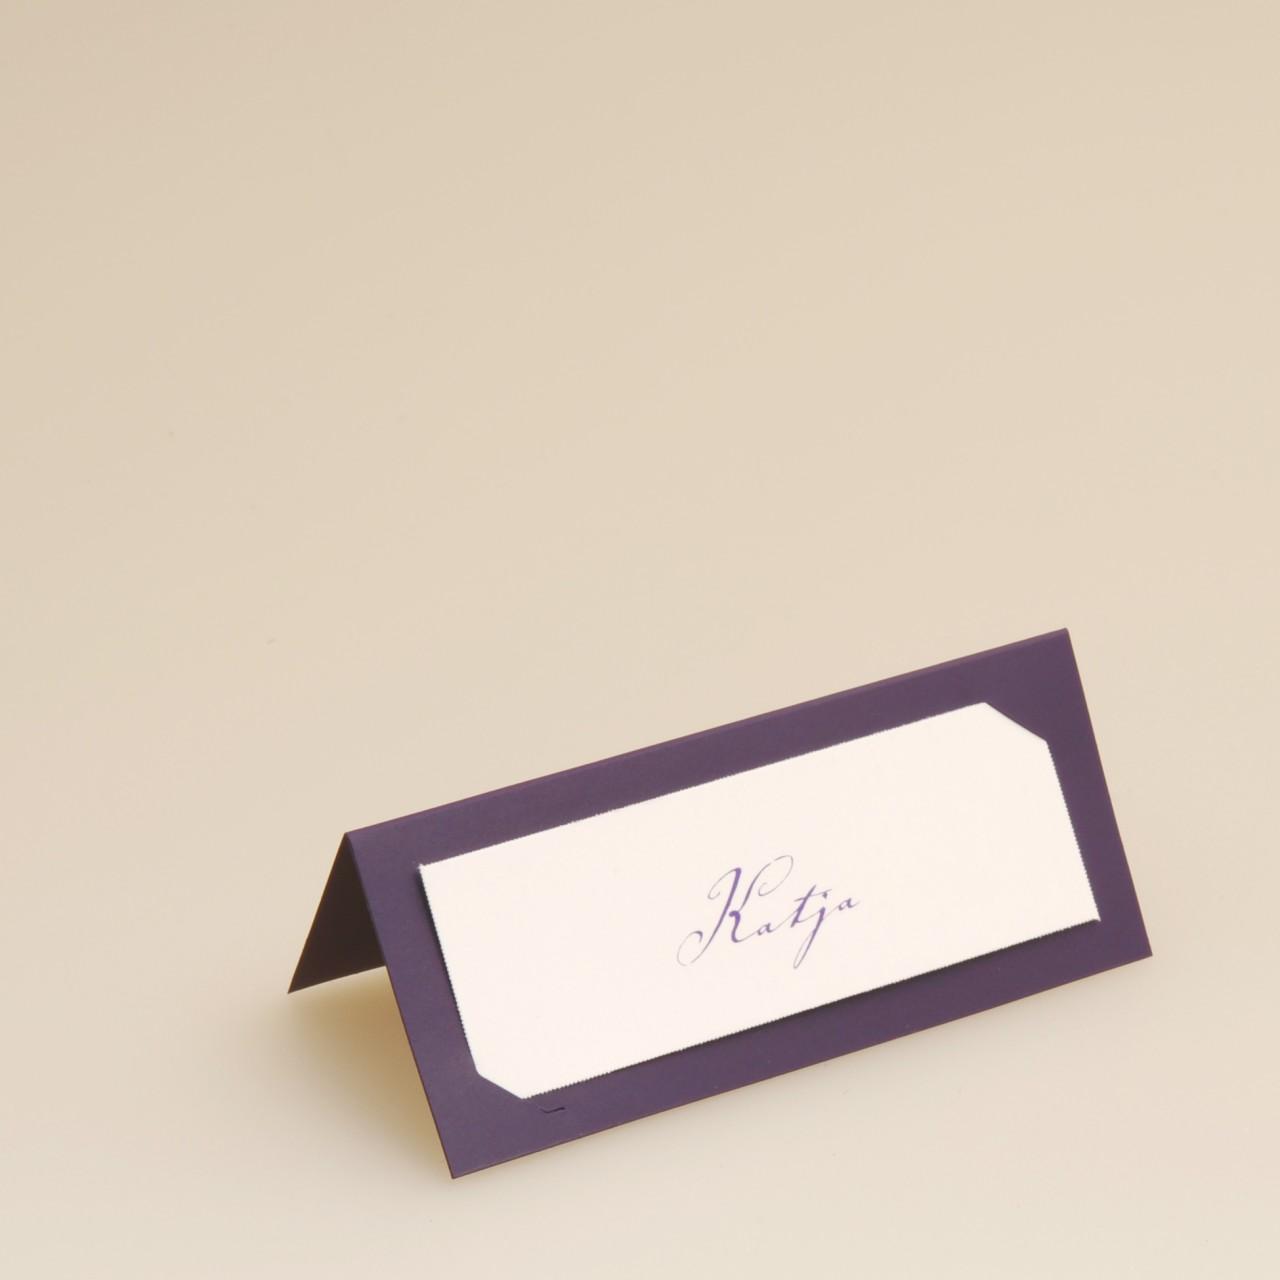 Lilafarbene Tischkarte mit weißem Einstecker